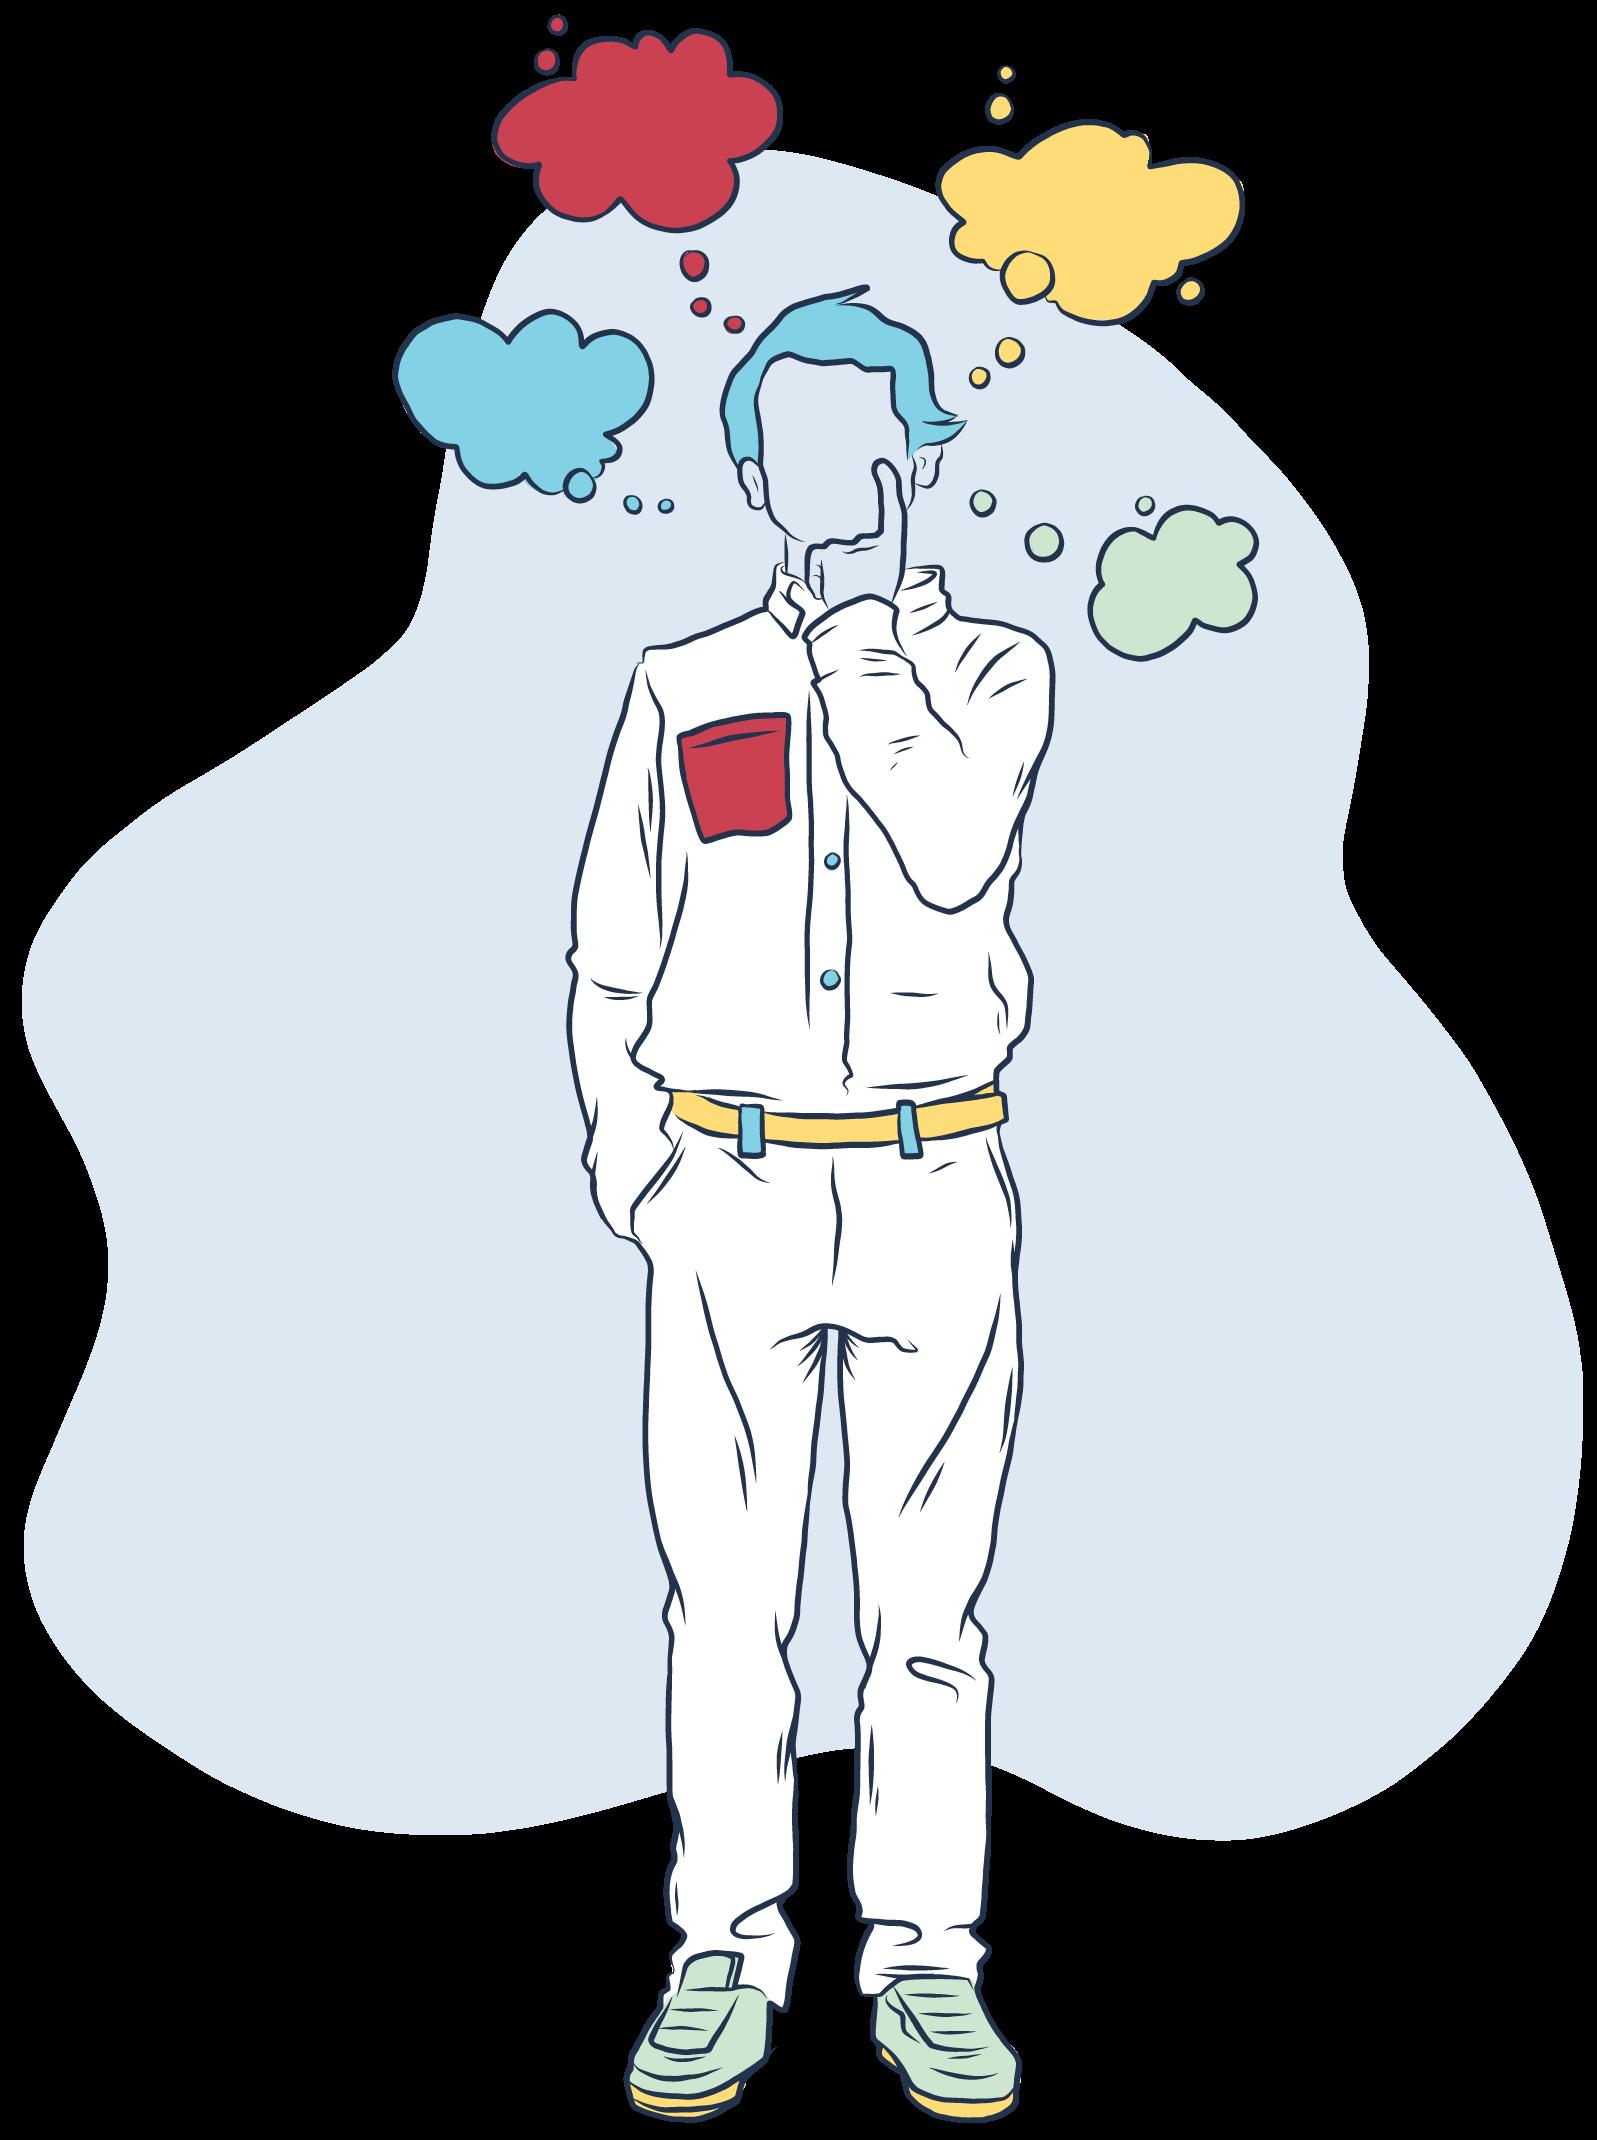 Es ist eine stehende Person abgebildet. Sie hat einen Zeigefinger an ihrem Kinn und die andere Hand in der Hosentasche. Über ihrem Kopf sind 4 bunte Gedankenblasen abgebildet.